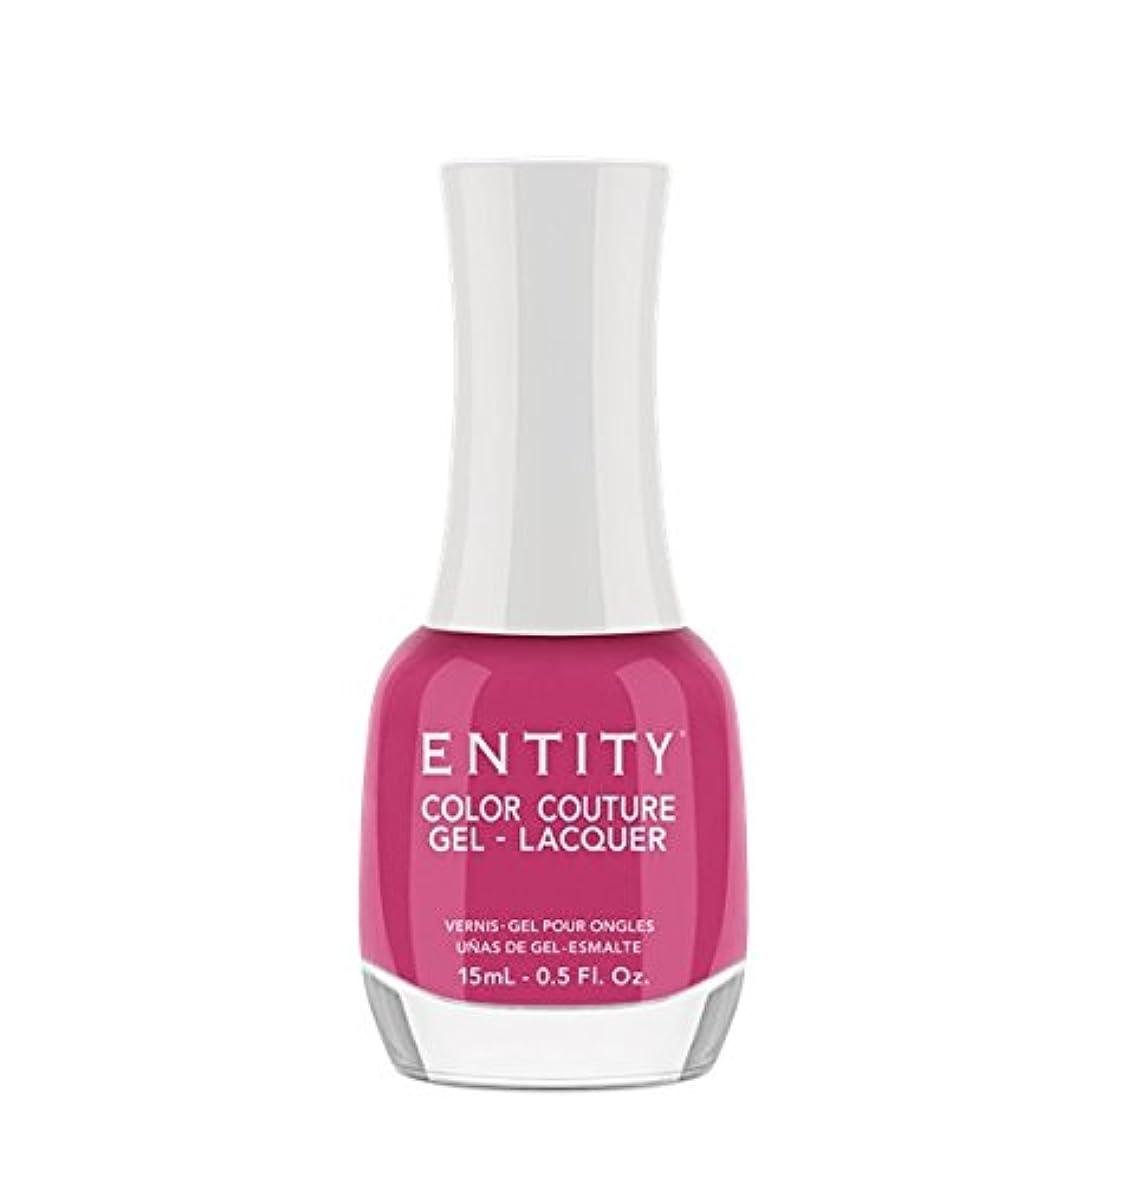 処理植物学したがってEntity Color Couture Gel-Lacquer - Midriffs & Mini Skirts - 15 ml/0.5 oz